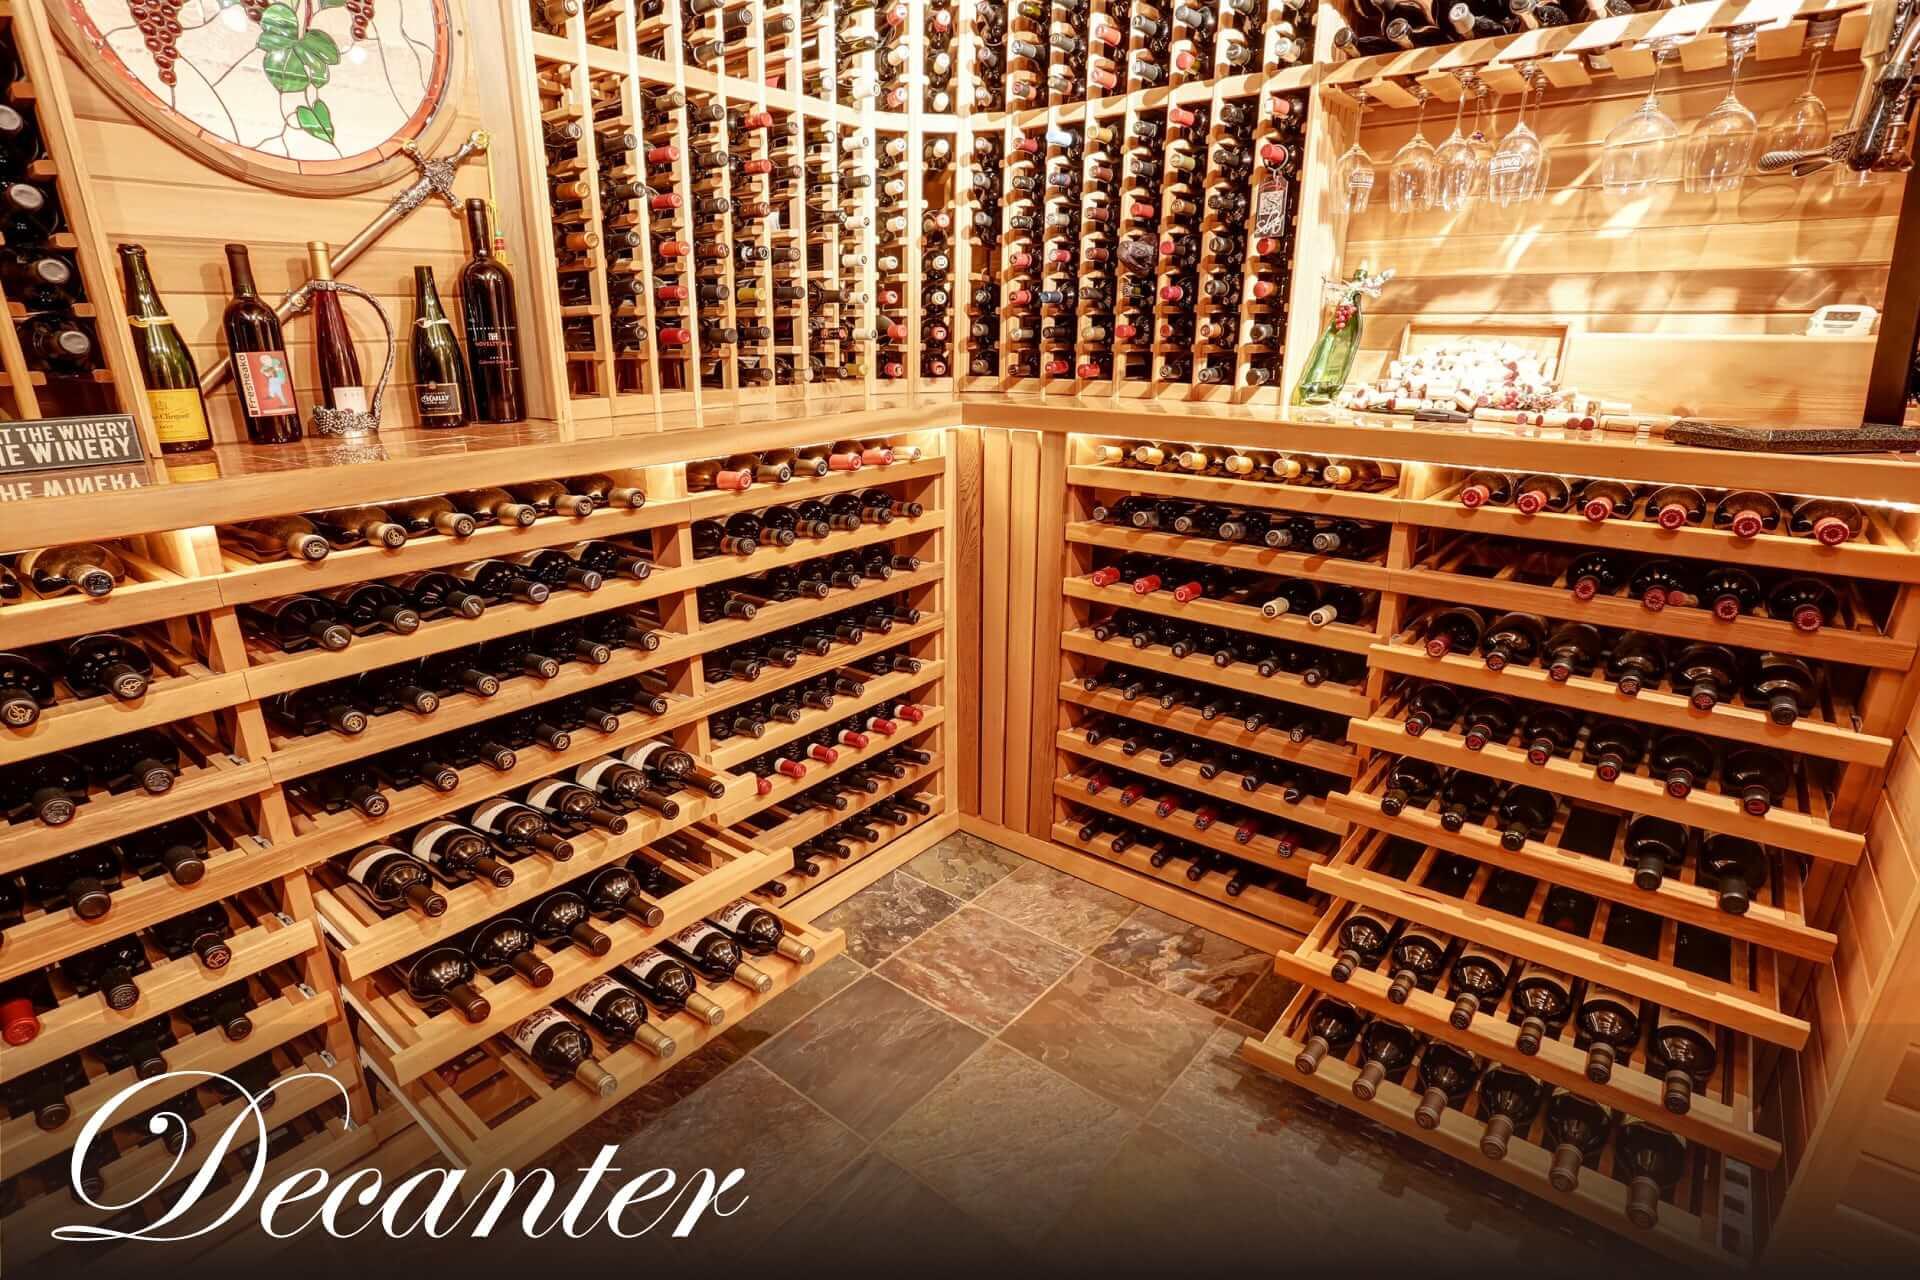 デキャンター誌で高得点を獲得した!3000円台中心のおすすめワインのメインビジュアル画像